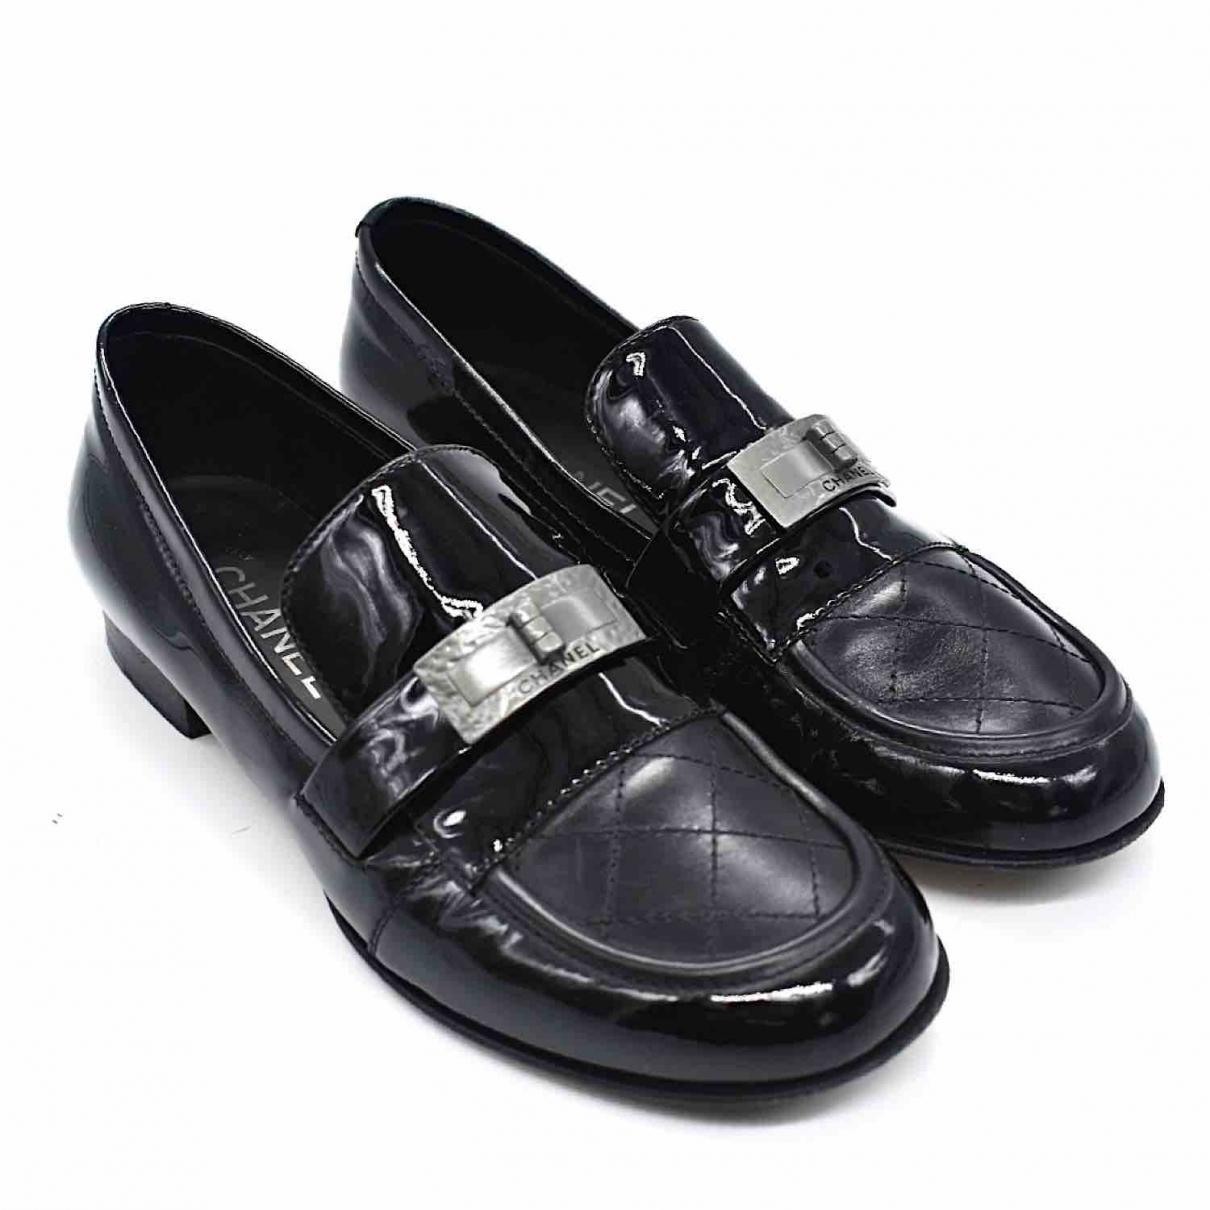 Chanel - Sandales   pour femme en cuir - noir